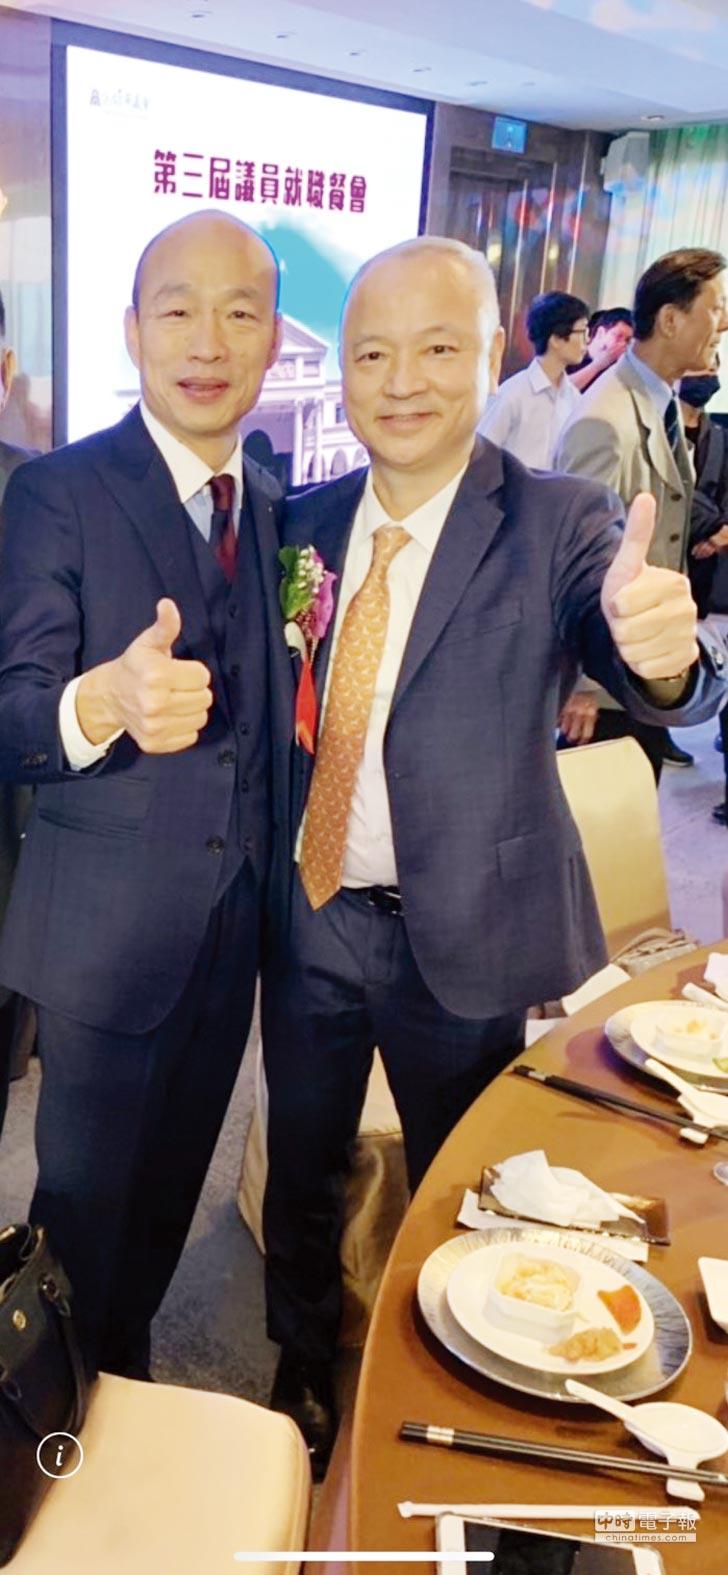 對於高雄市長韓國瑜(左)的課徵城市稅新觀光政策,高雄市旅館公會理事長劉坤福(右)表示相當支持,但建議市府應在不影響觀光客來高雄的意願下,課徵城市稅較為妥當。圖/業者提供